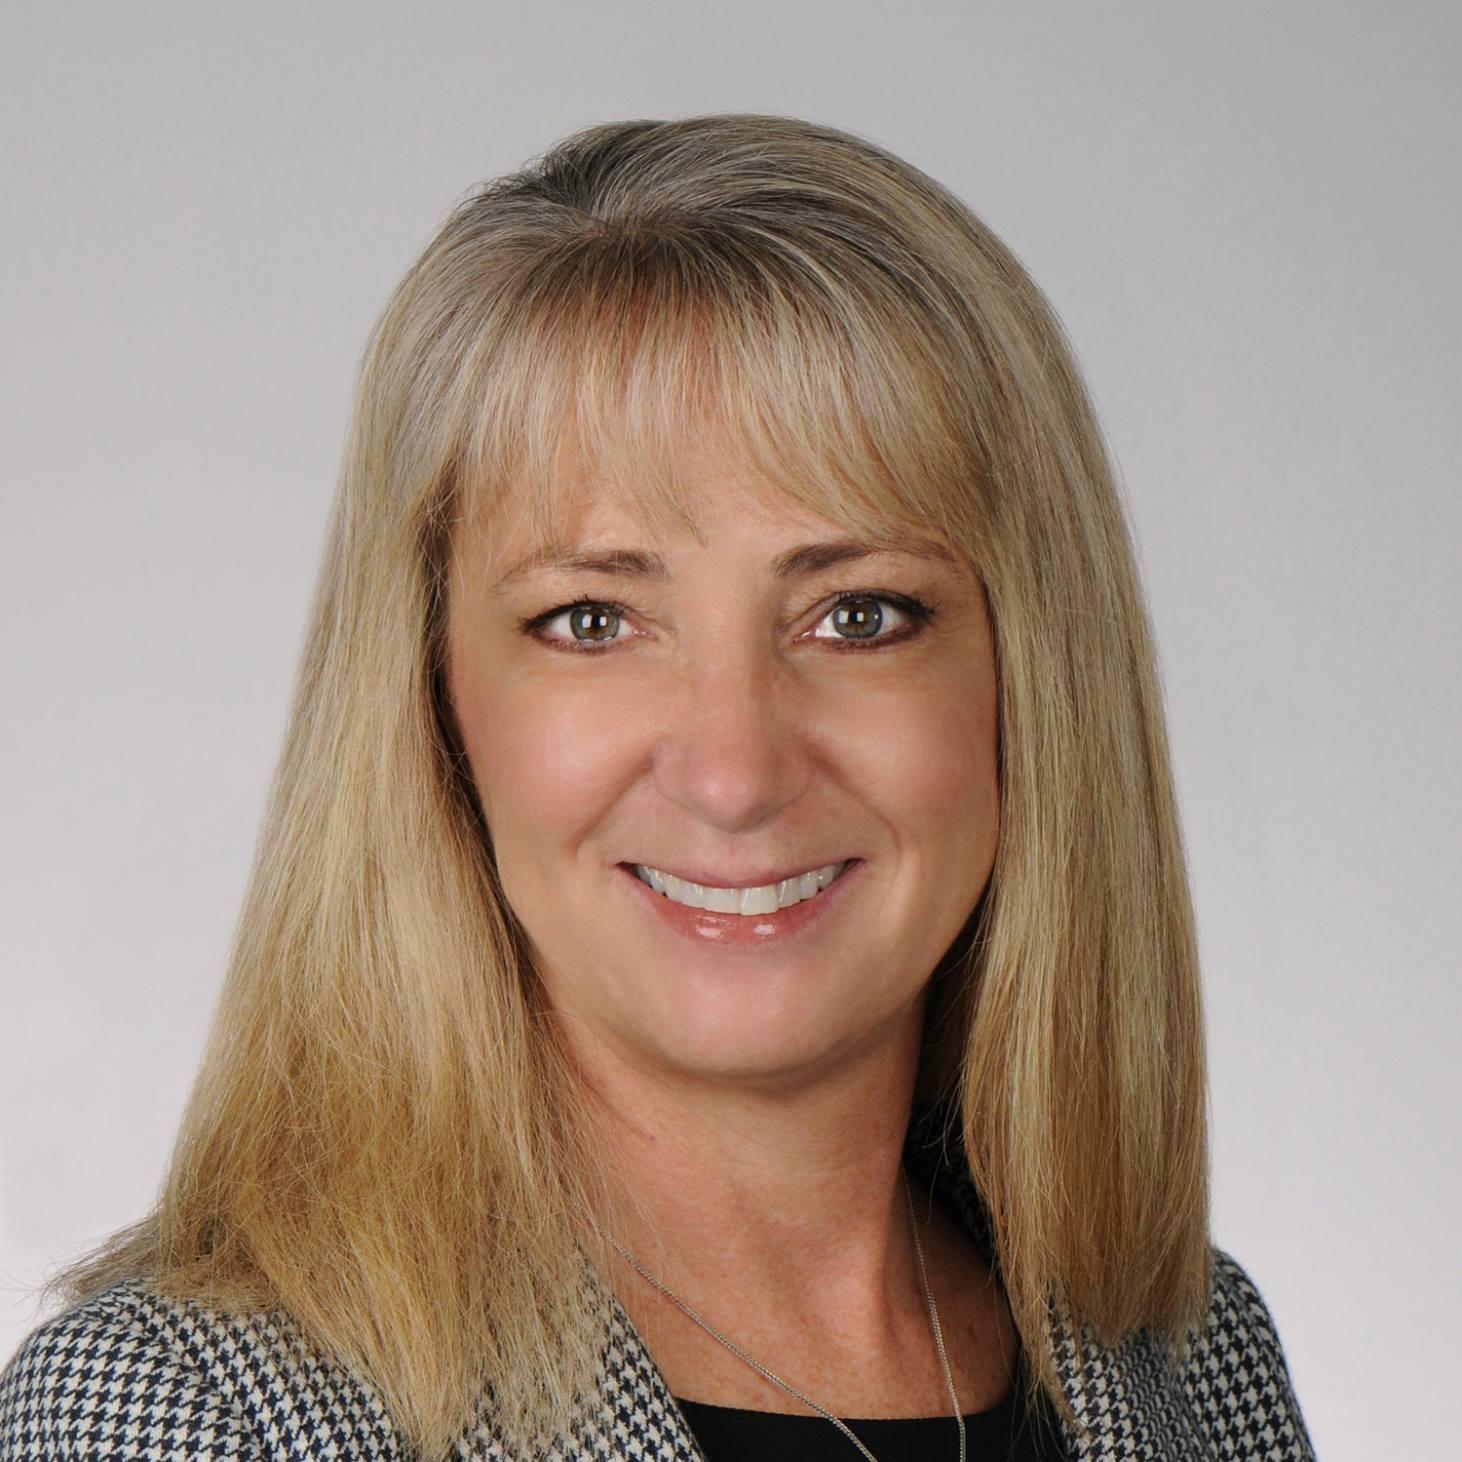 Angela Mund, DNP, CRNA